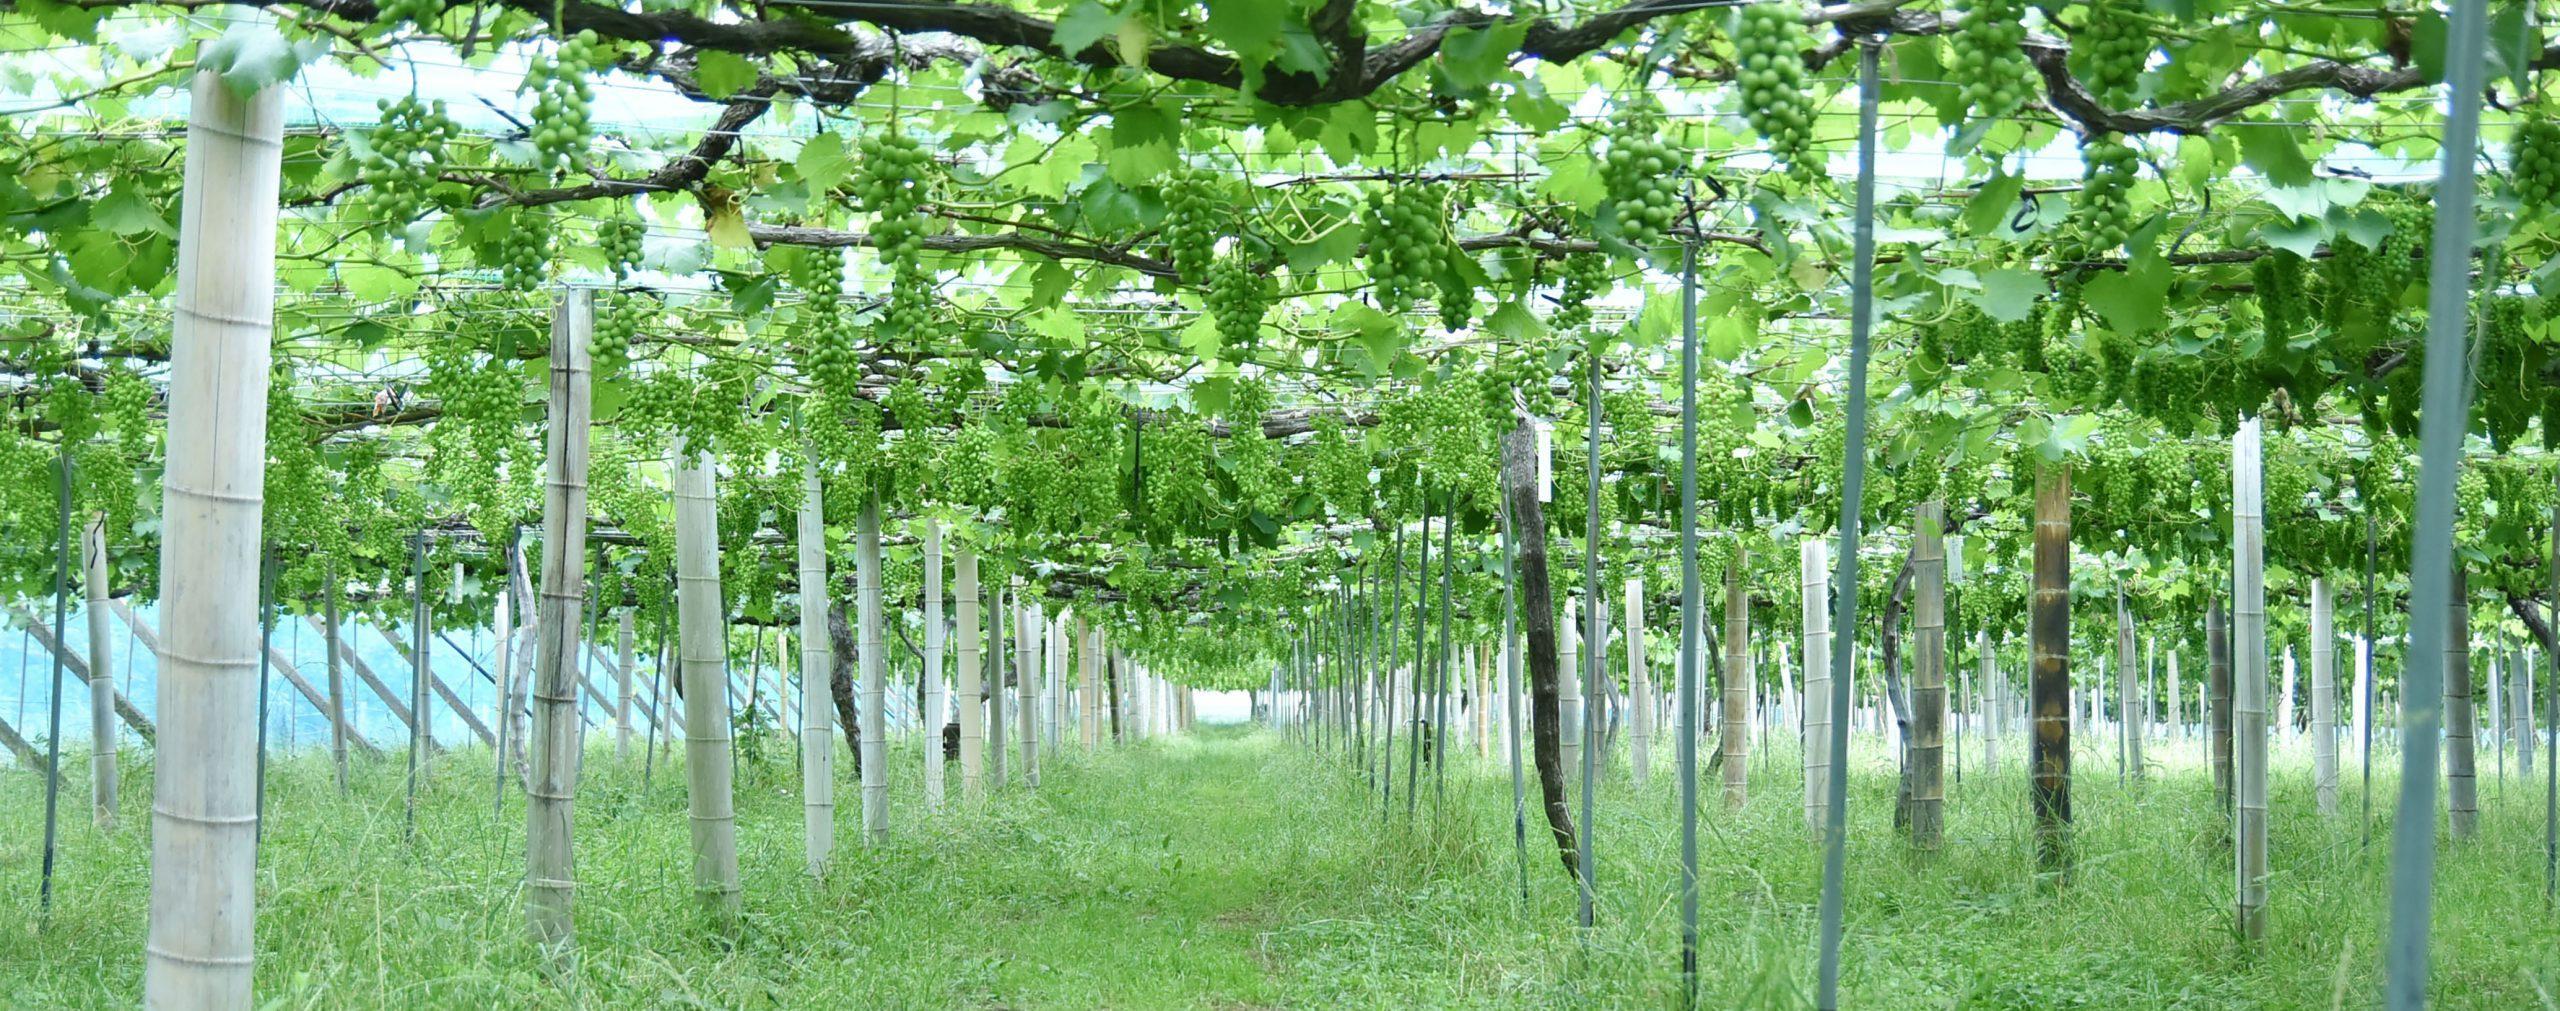 買いにいける葡萄農園。